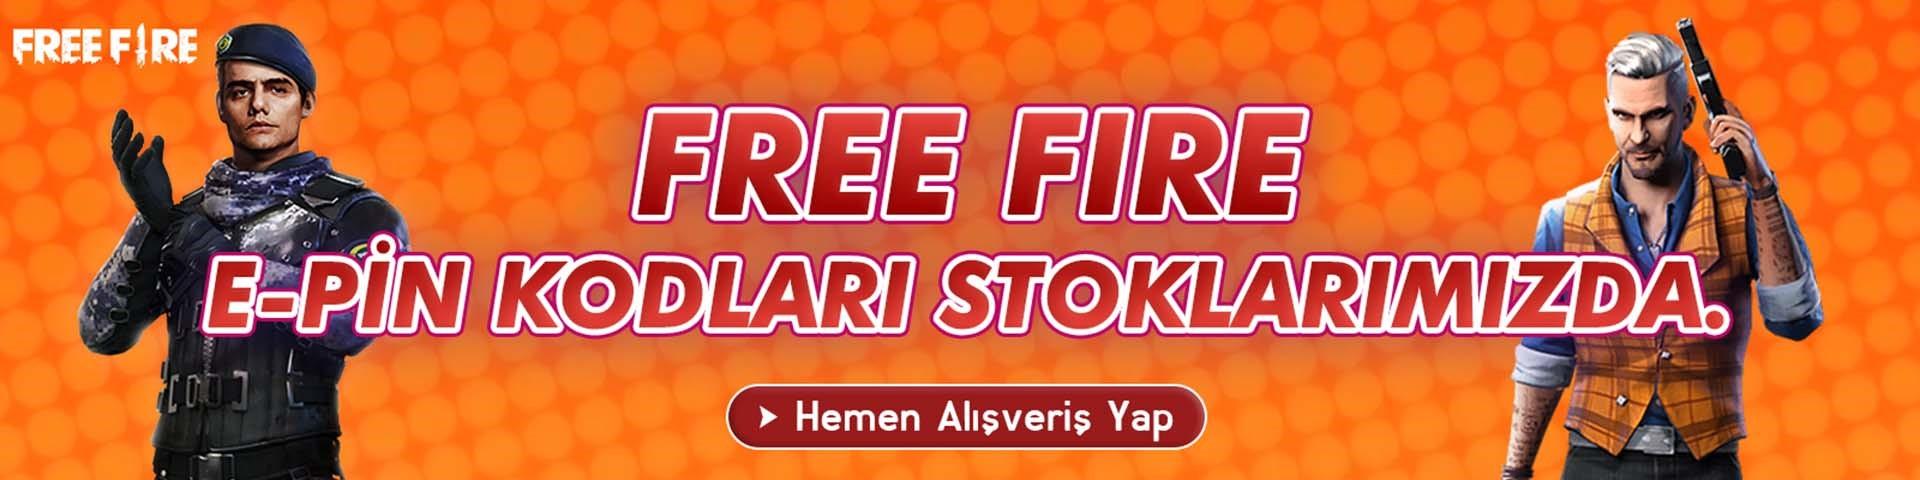 Free Fire Stok geldi